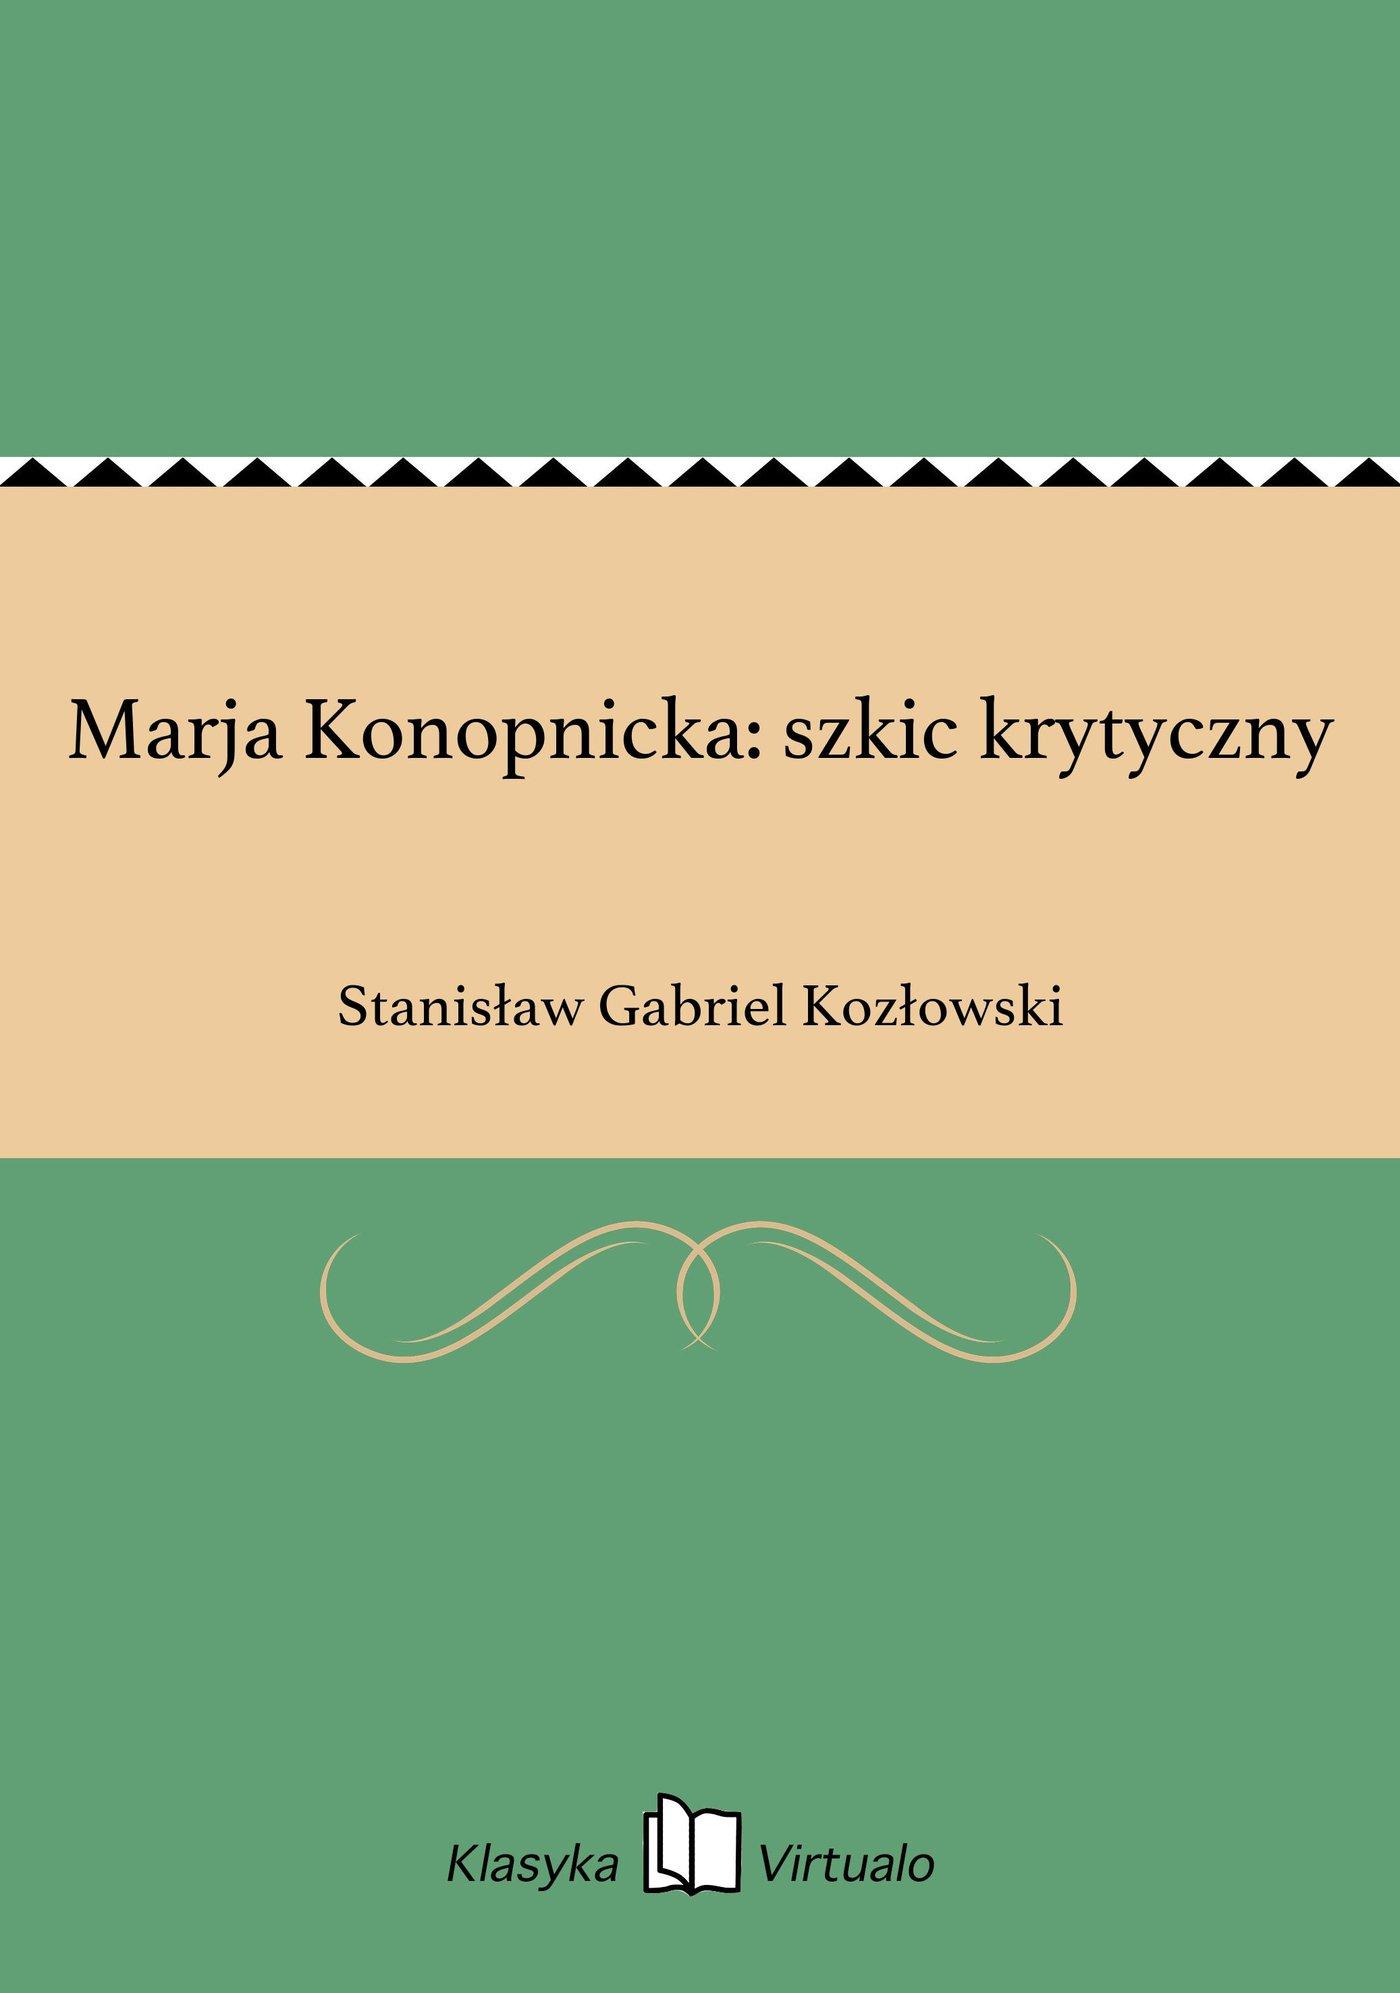 Marja Konopnicka: szkic krytyczny - Ebook (Książka EPUB) do pobrania w formacie EPUB